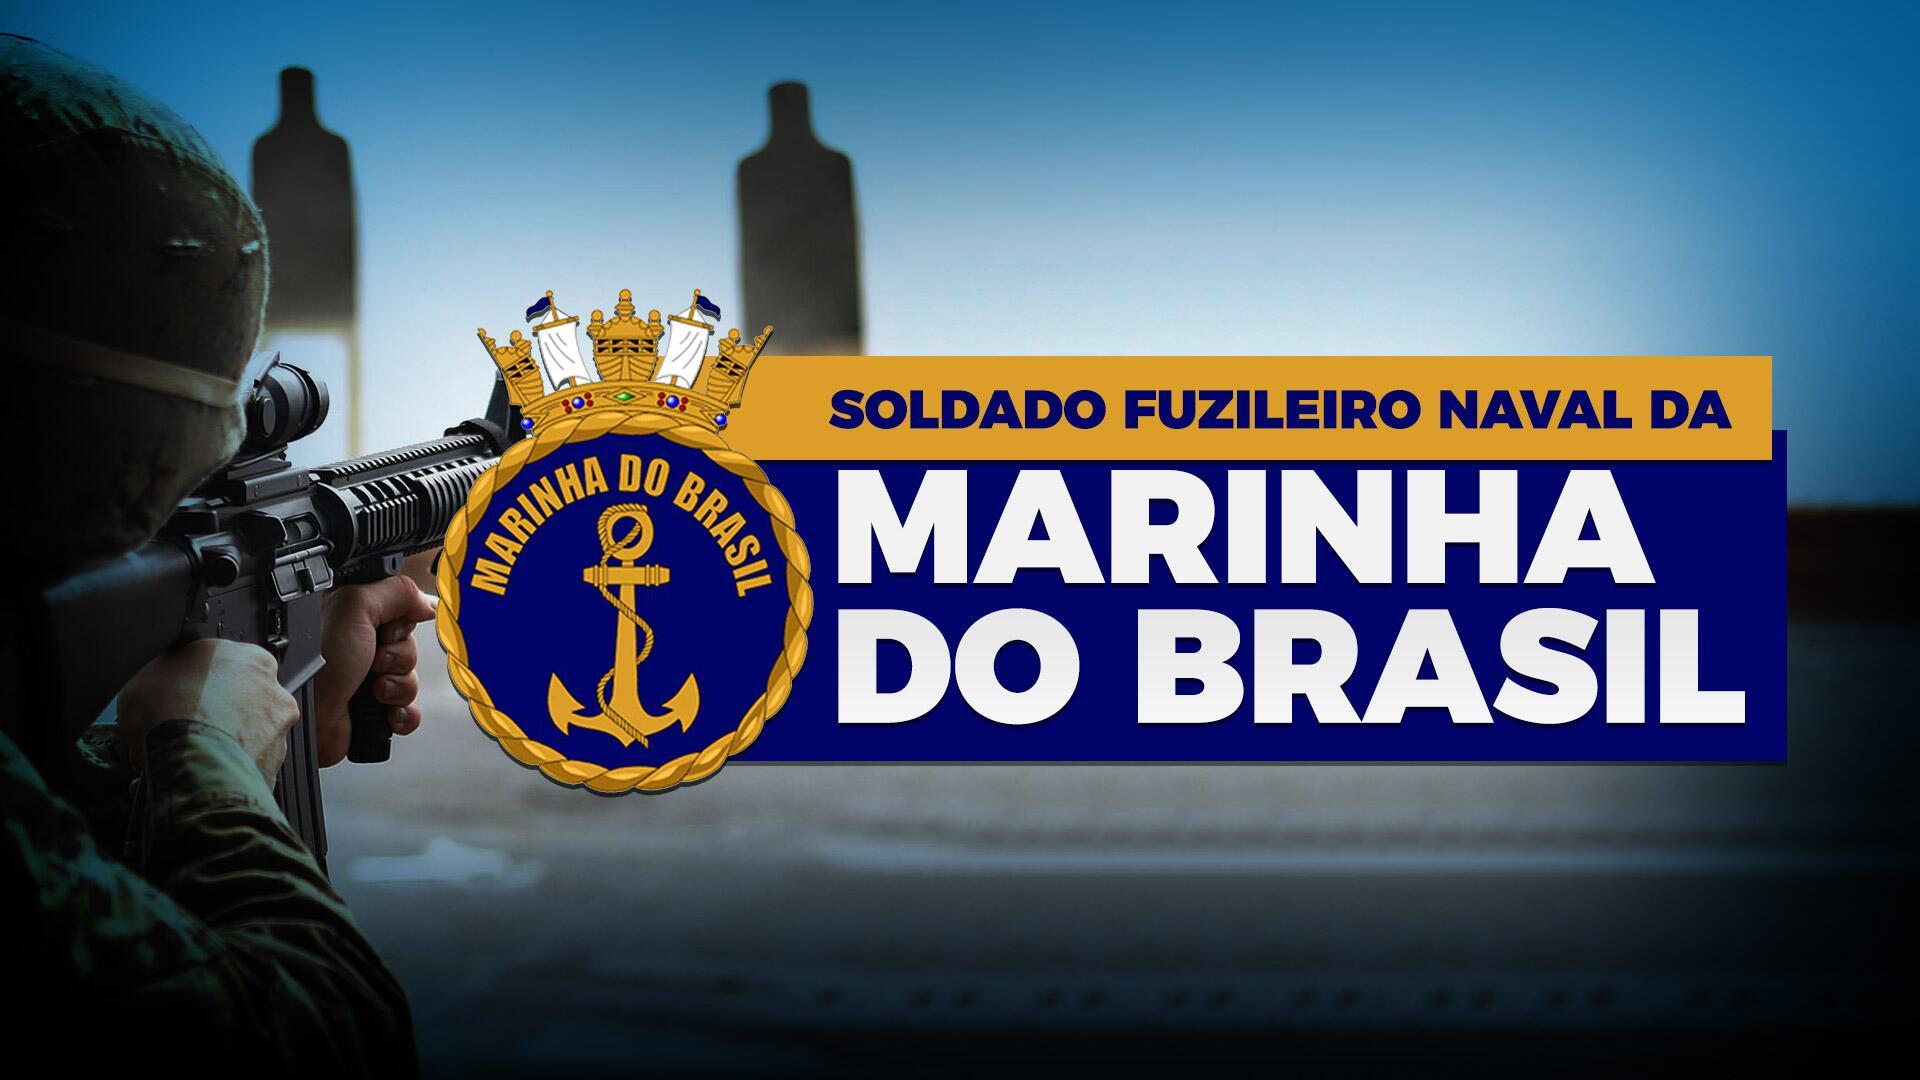 CPAEAM - Soldado Fuzileiro Naval da Marinha do Brasil